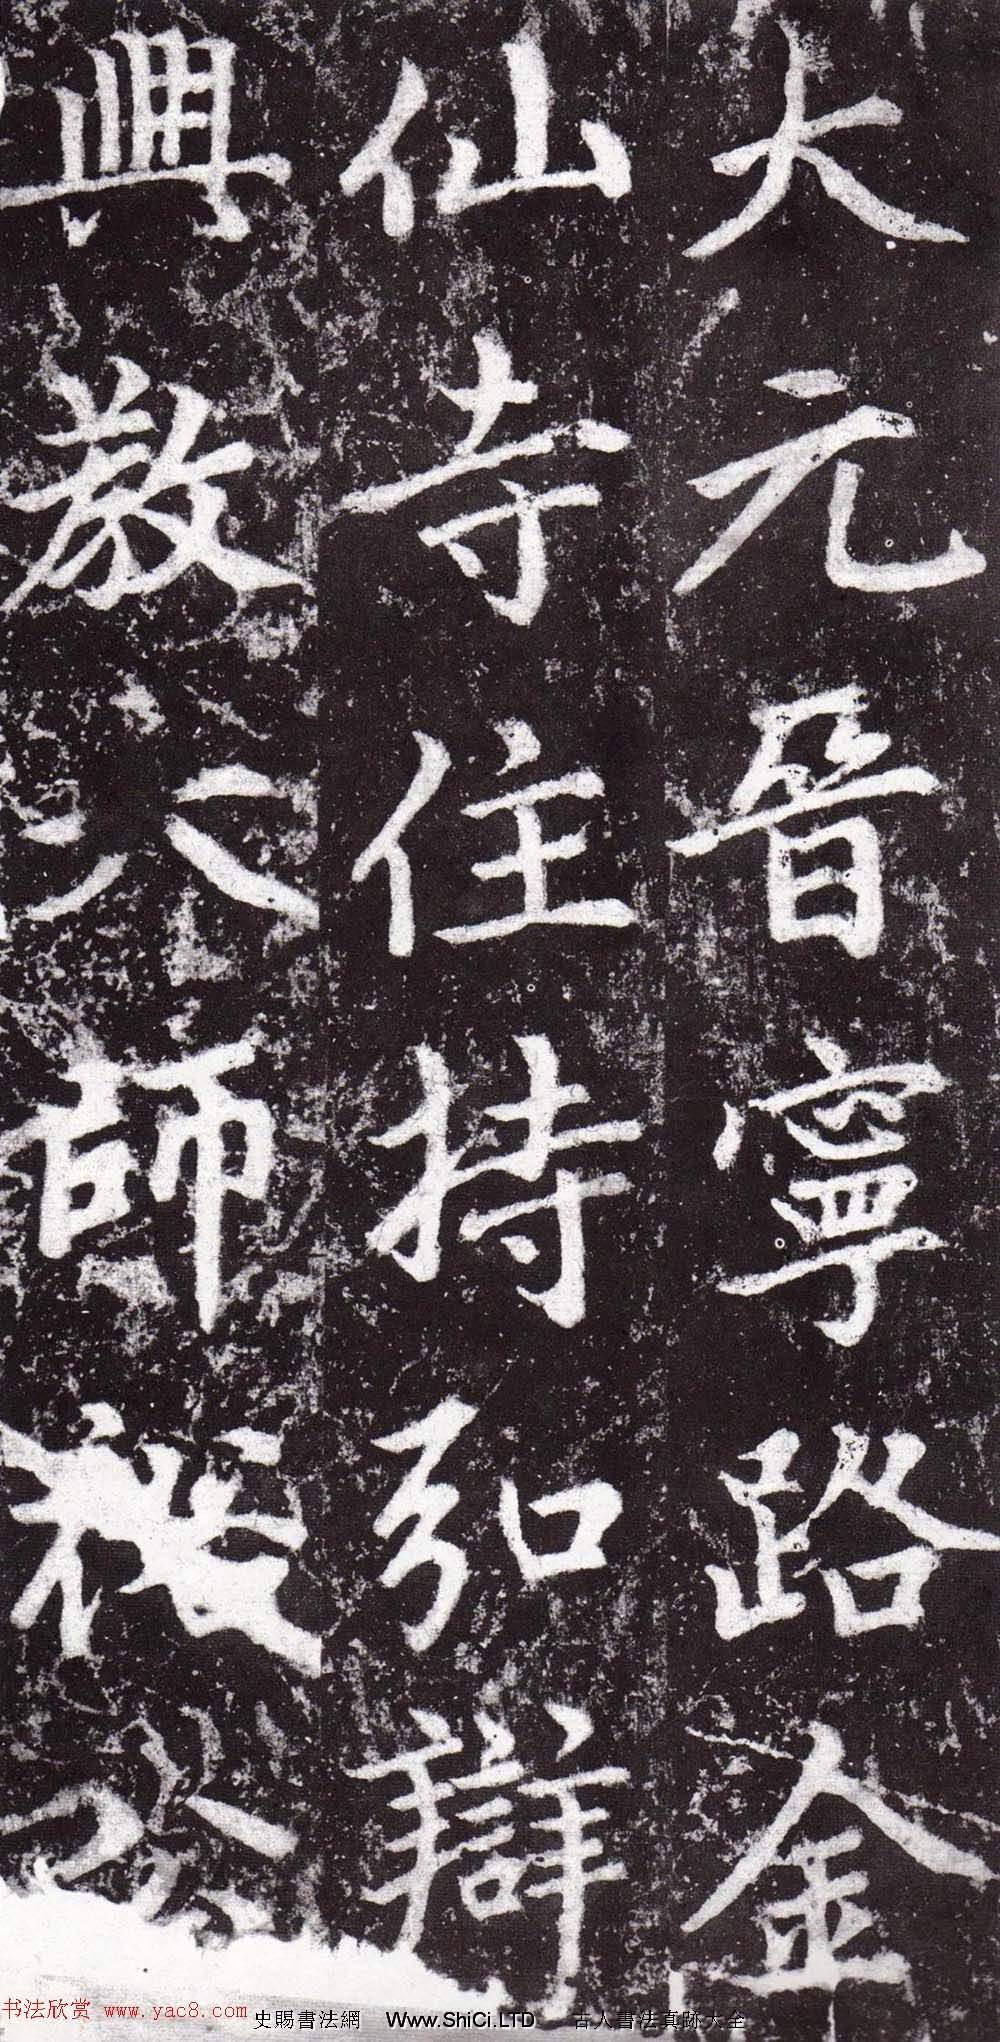 元朝趙孟頫行楷書《裕公和尚道行碑》(共53張圖片)